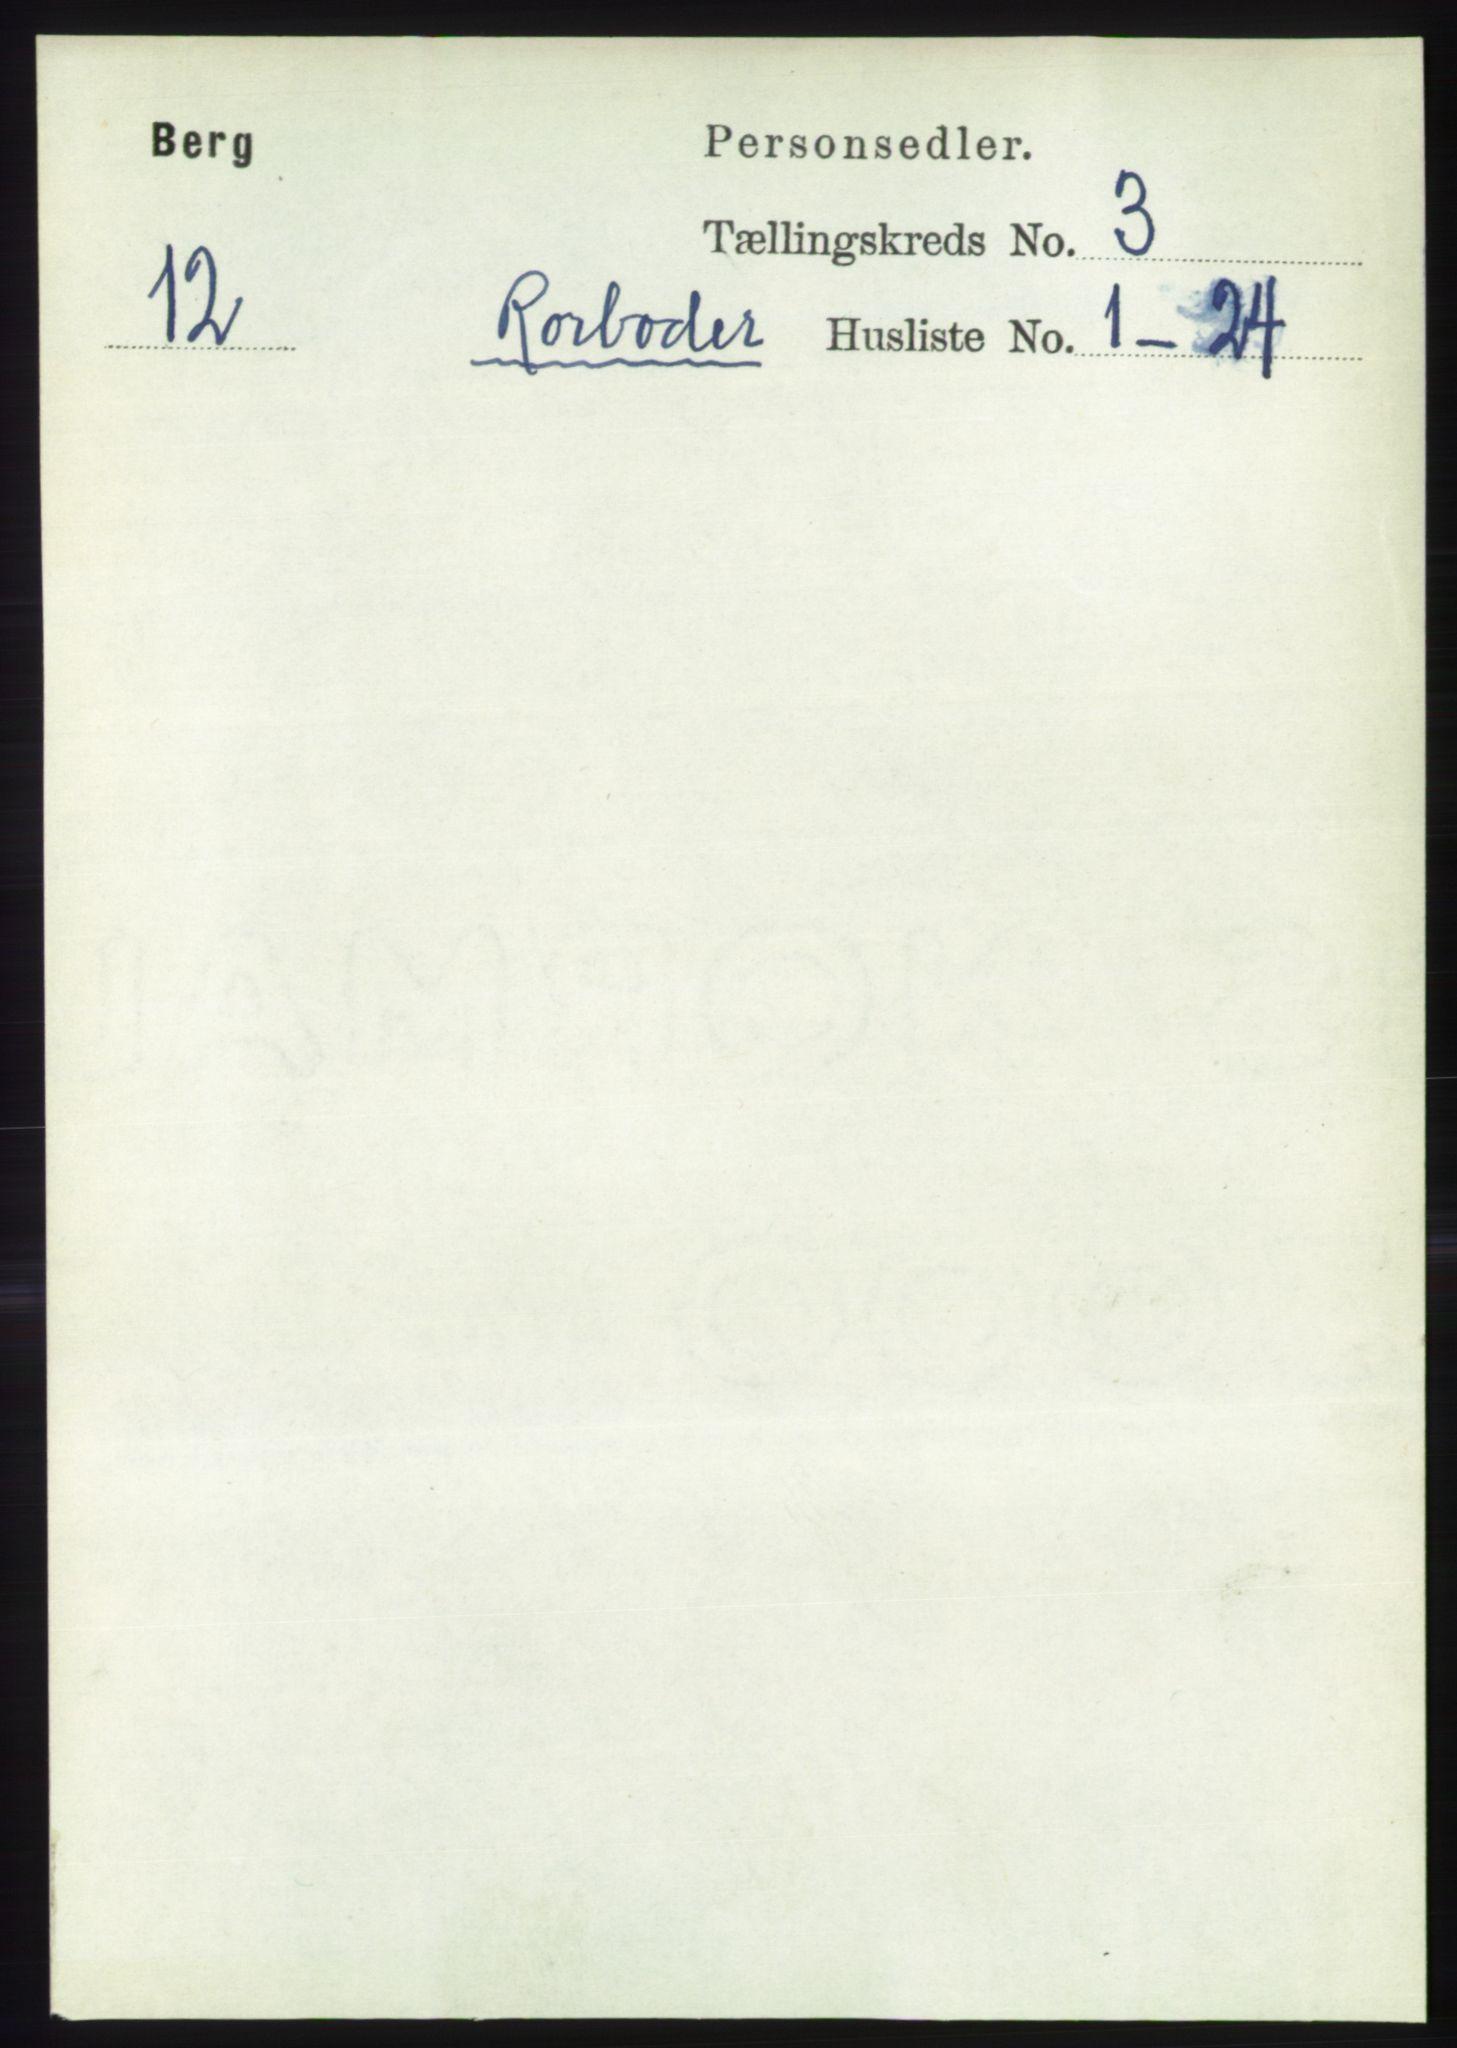 RA, Folketelling 1891 for 1929 Berg herred, 1891, s. 1347